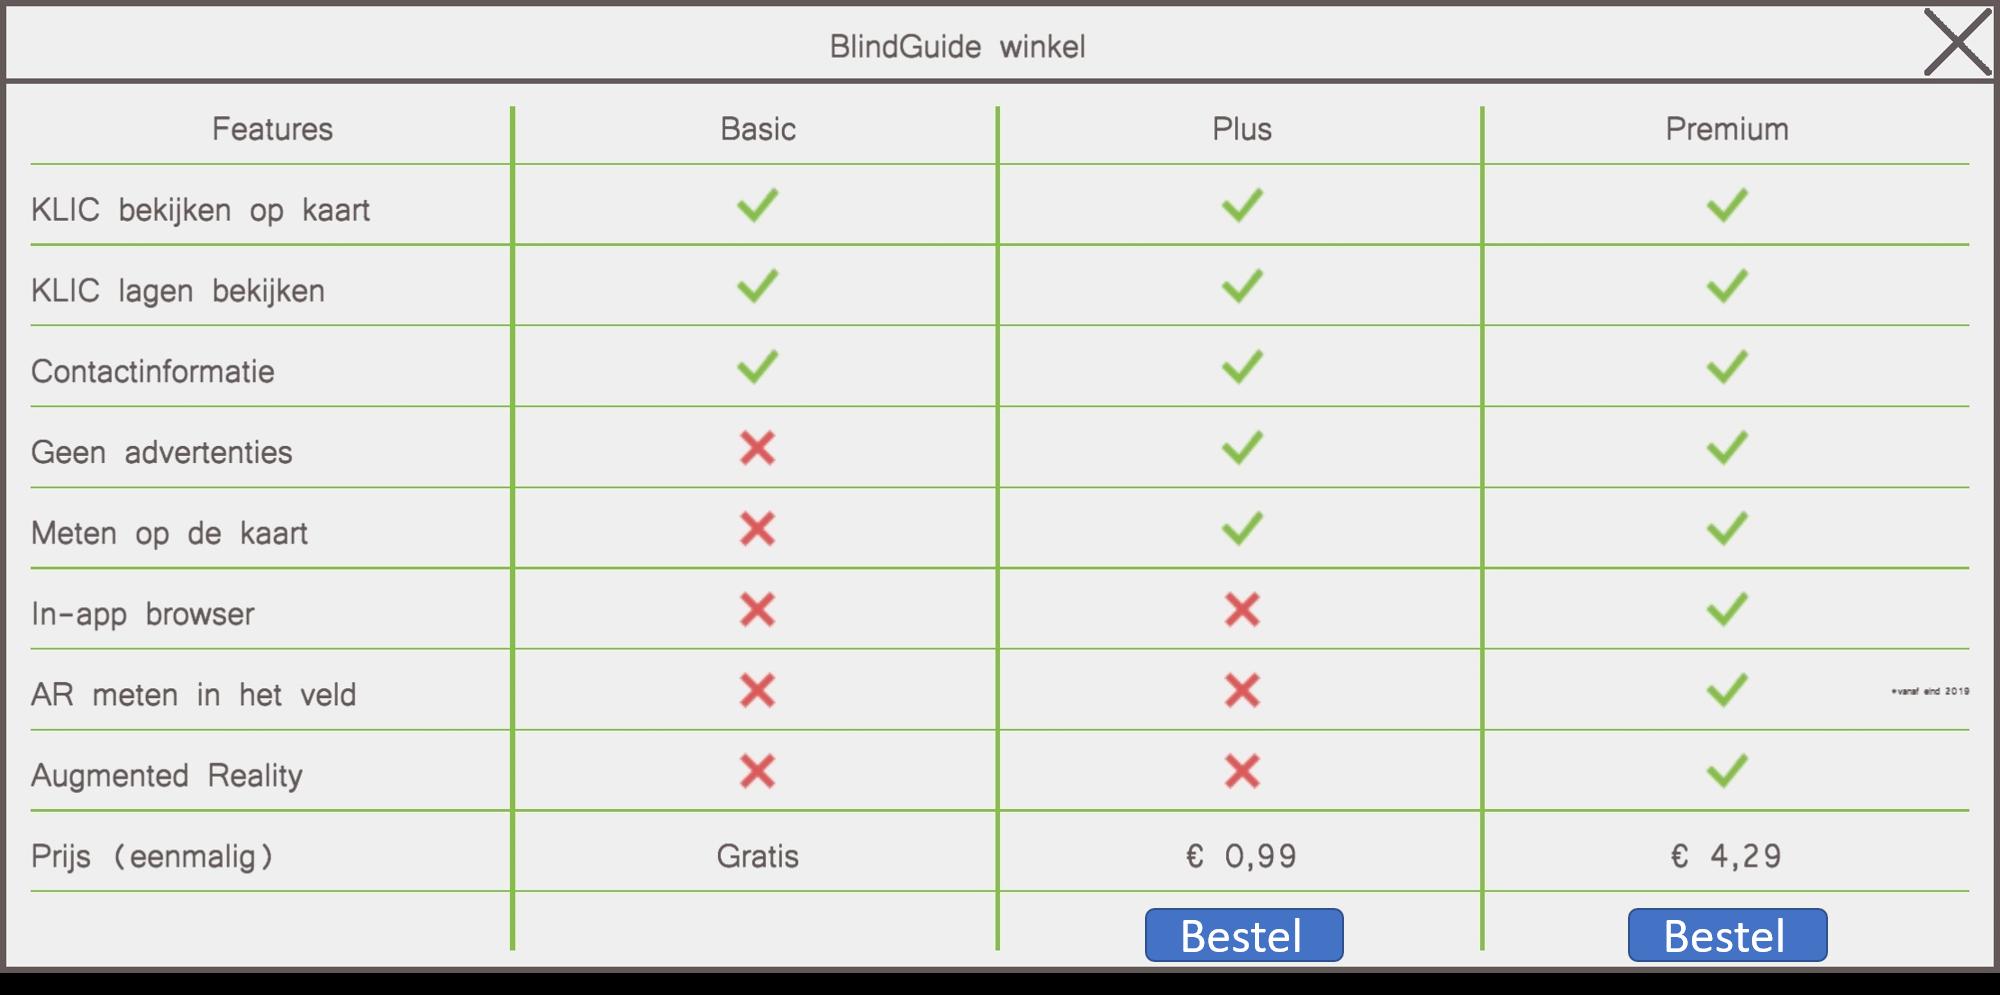 BlindGuide in-app store